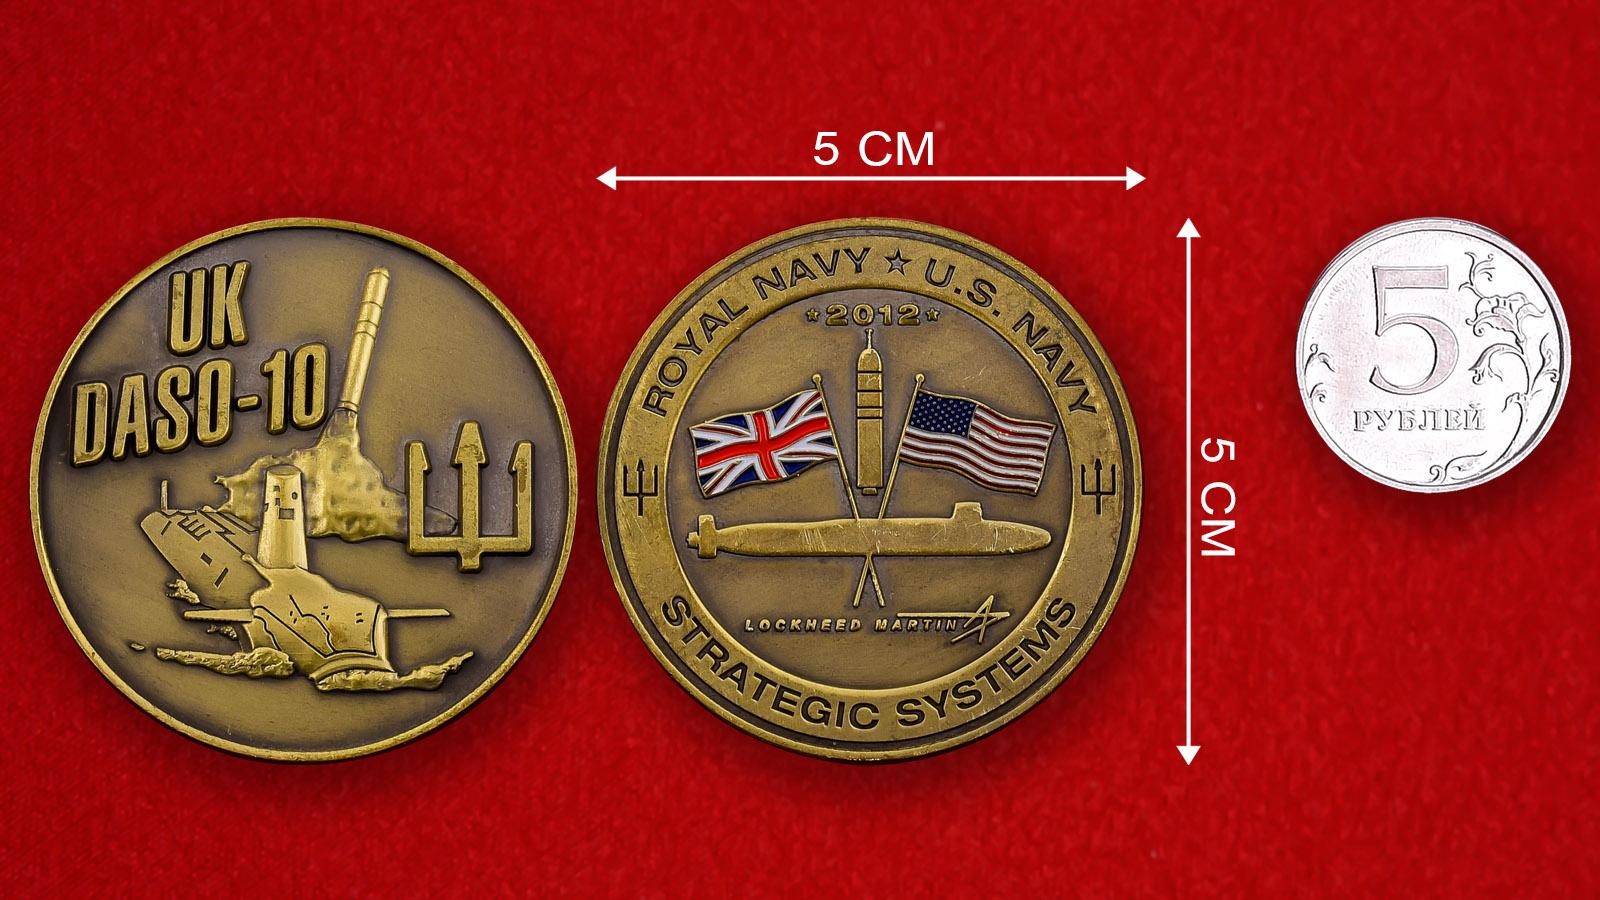 """Коллекционная монета """"Объединенная стратегическая программа ВМС Великобритании и США"""""""